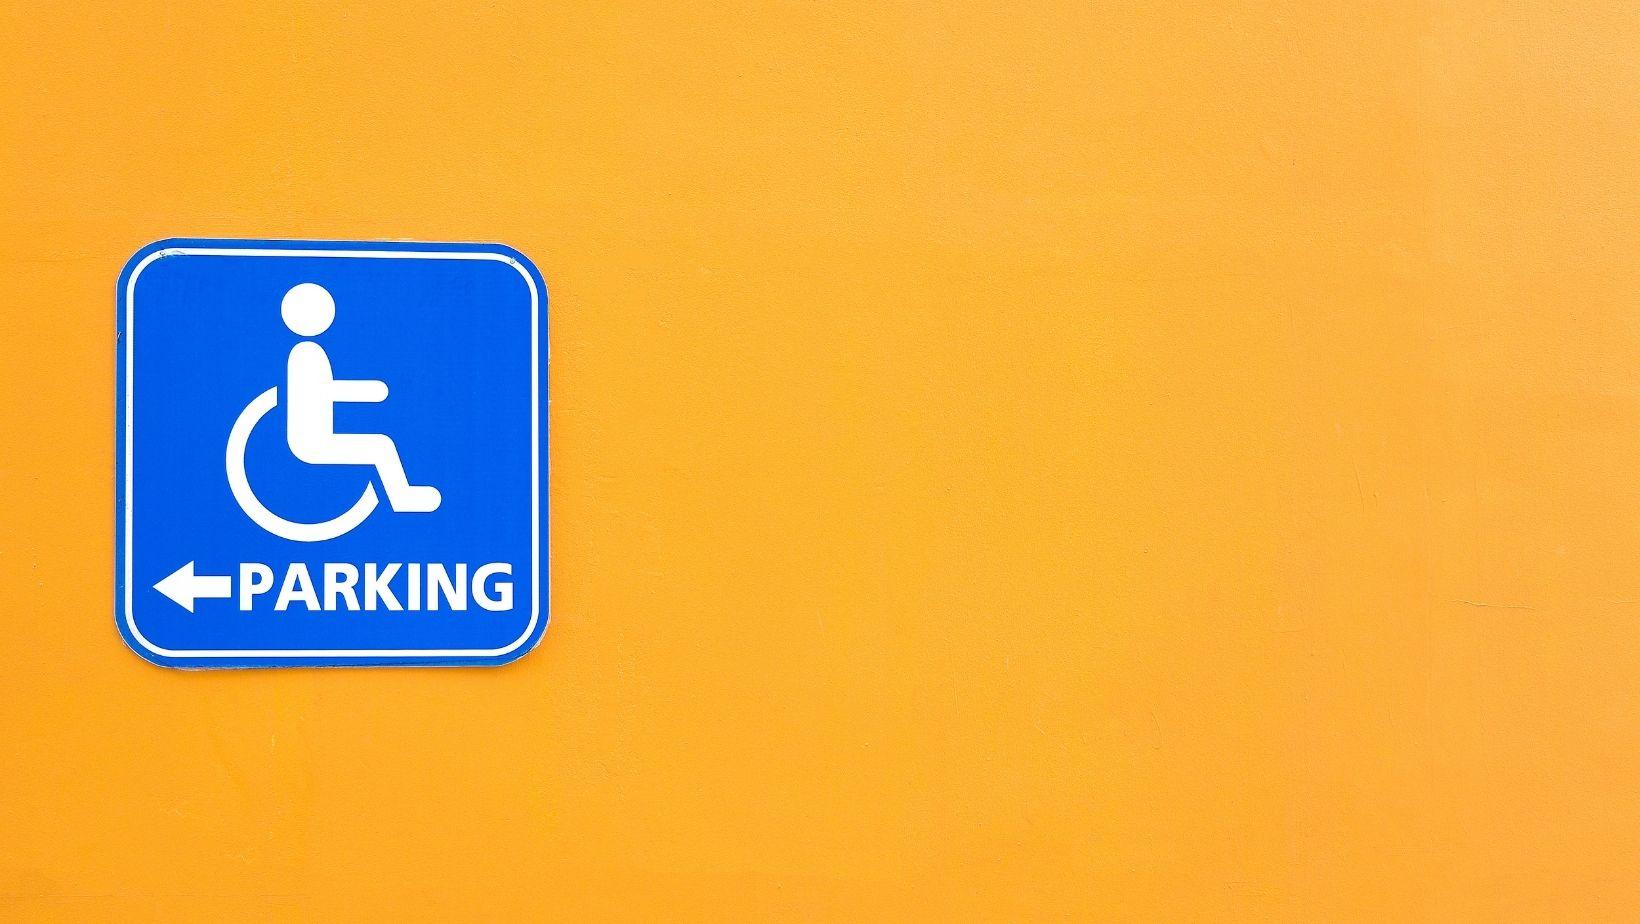 Bruxelles : emplacements réservés aux PMR pour le stationnement